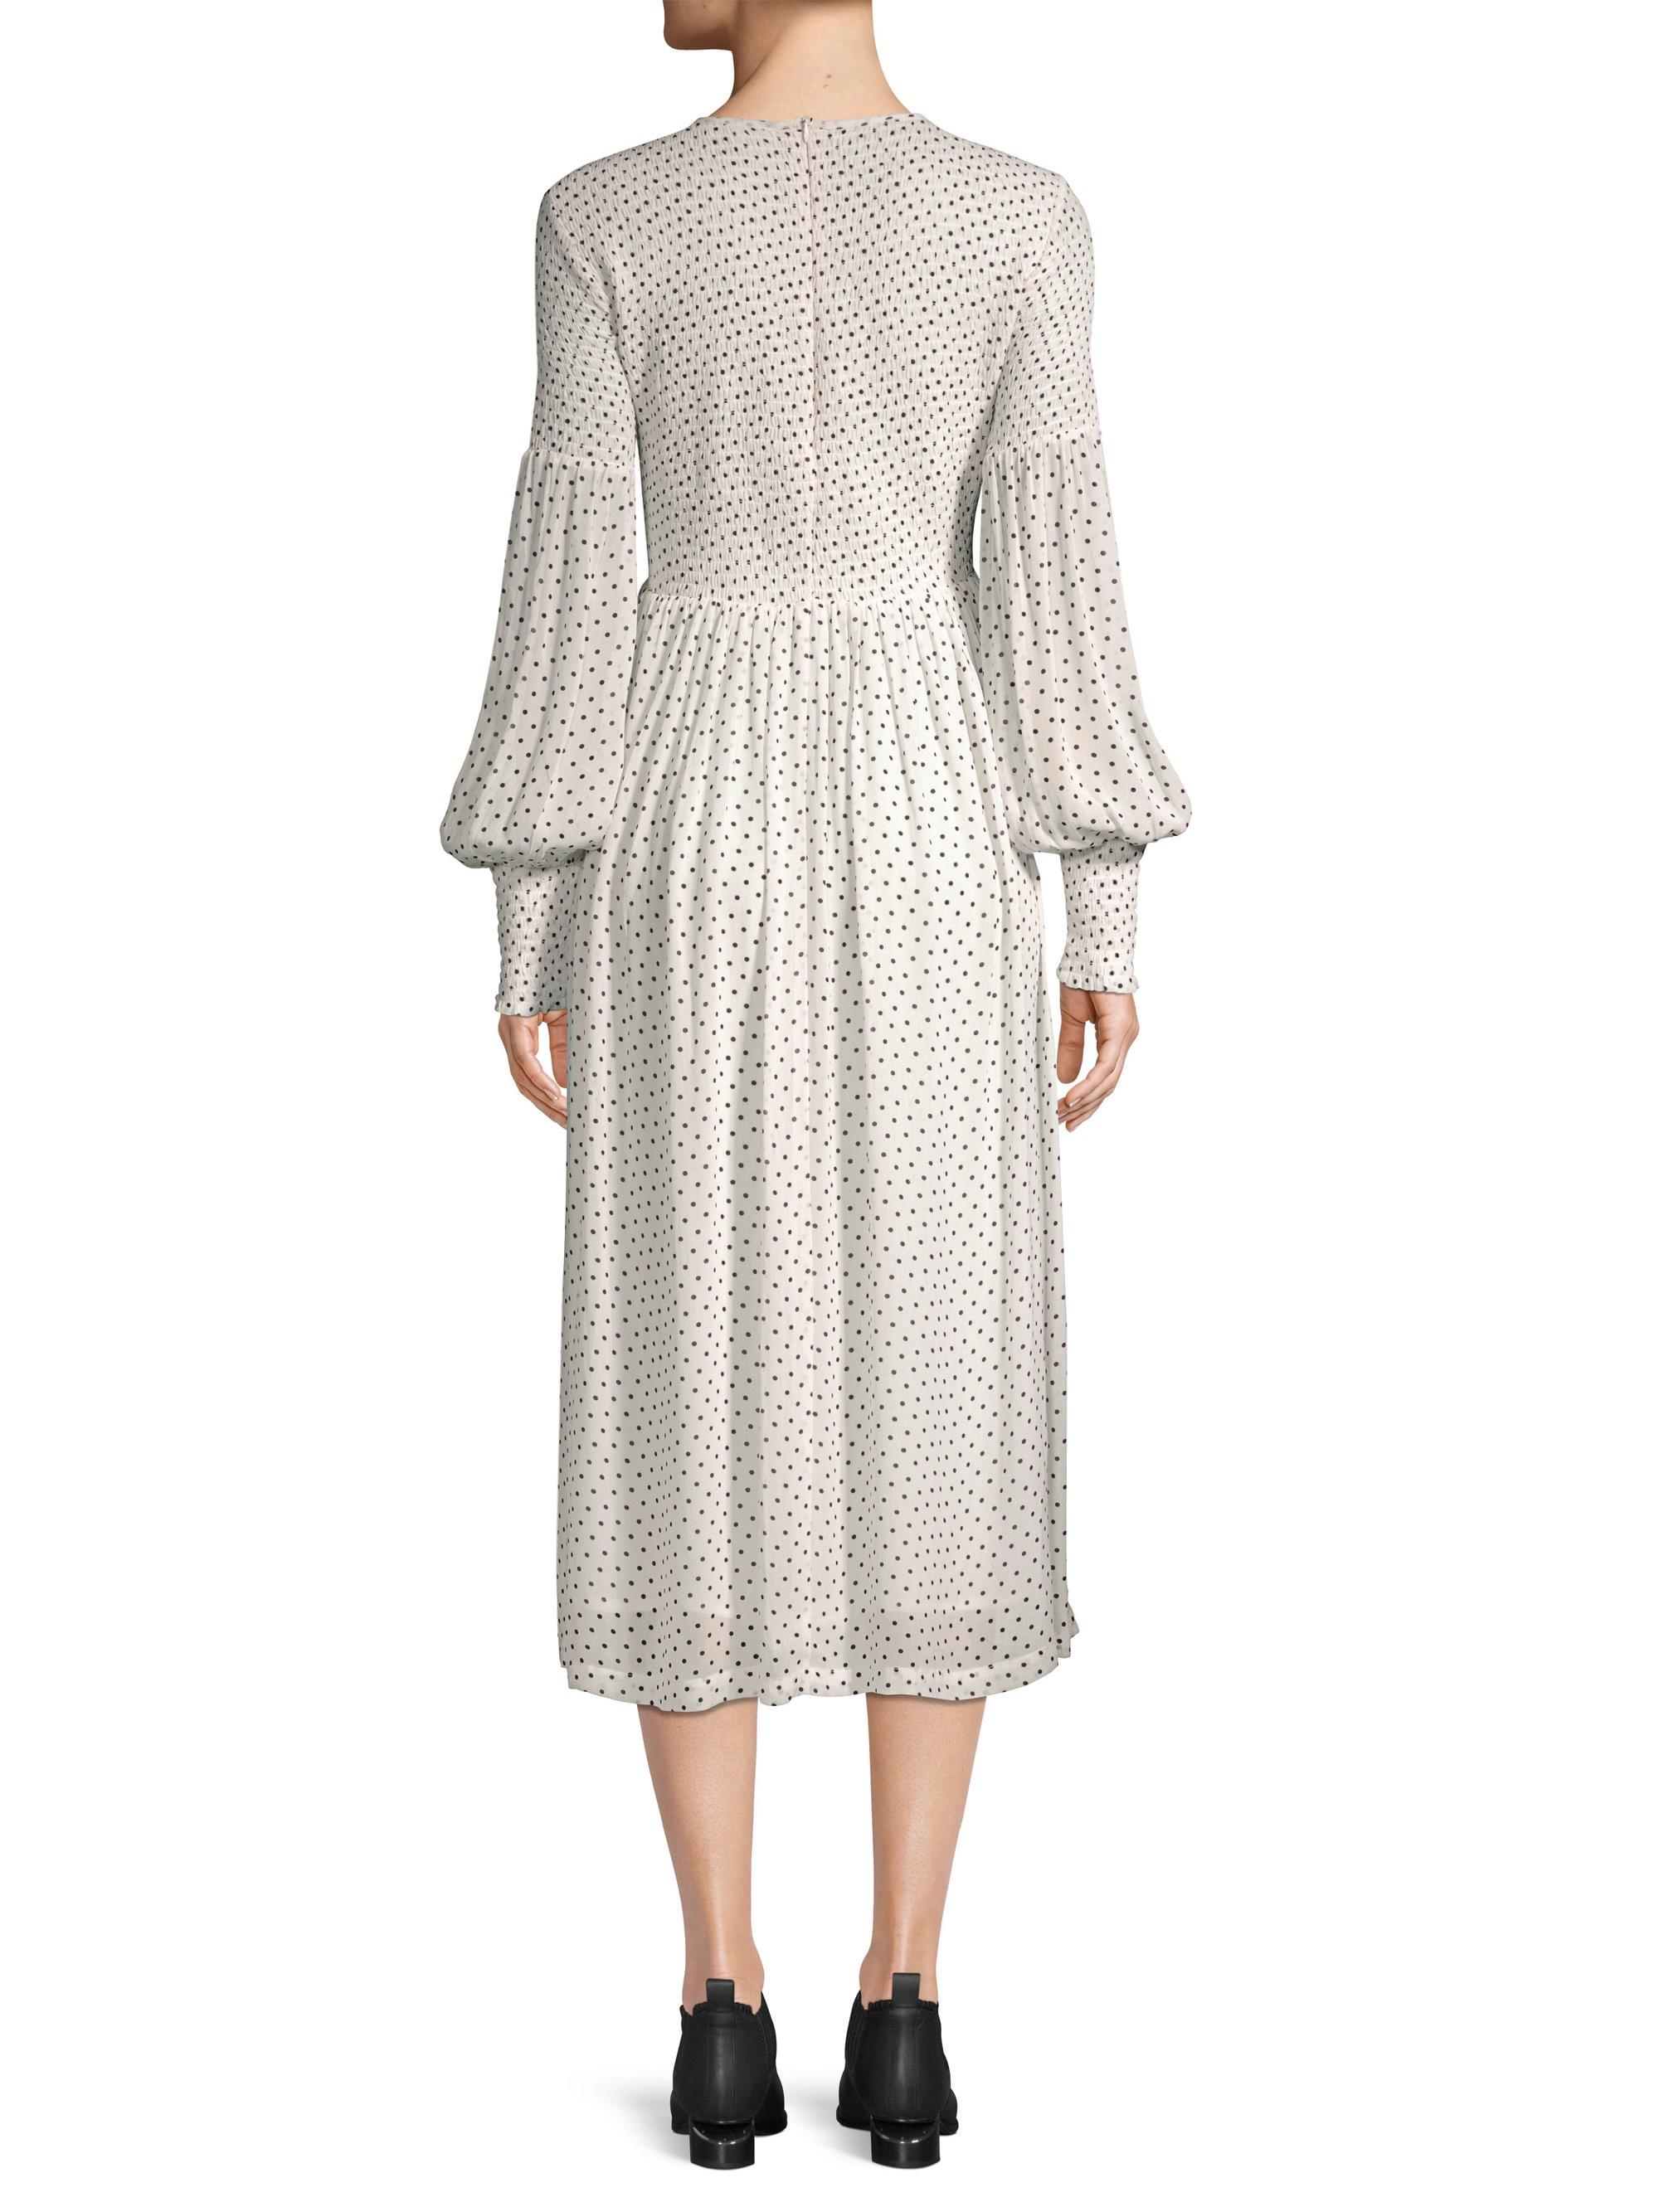 02178beb Ganni Rometty Polka Dot Georgette Midi Dress - Egret 42 (8 ...